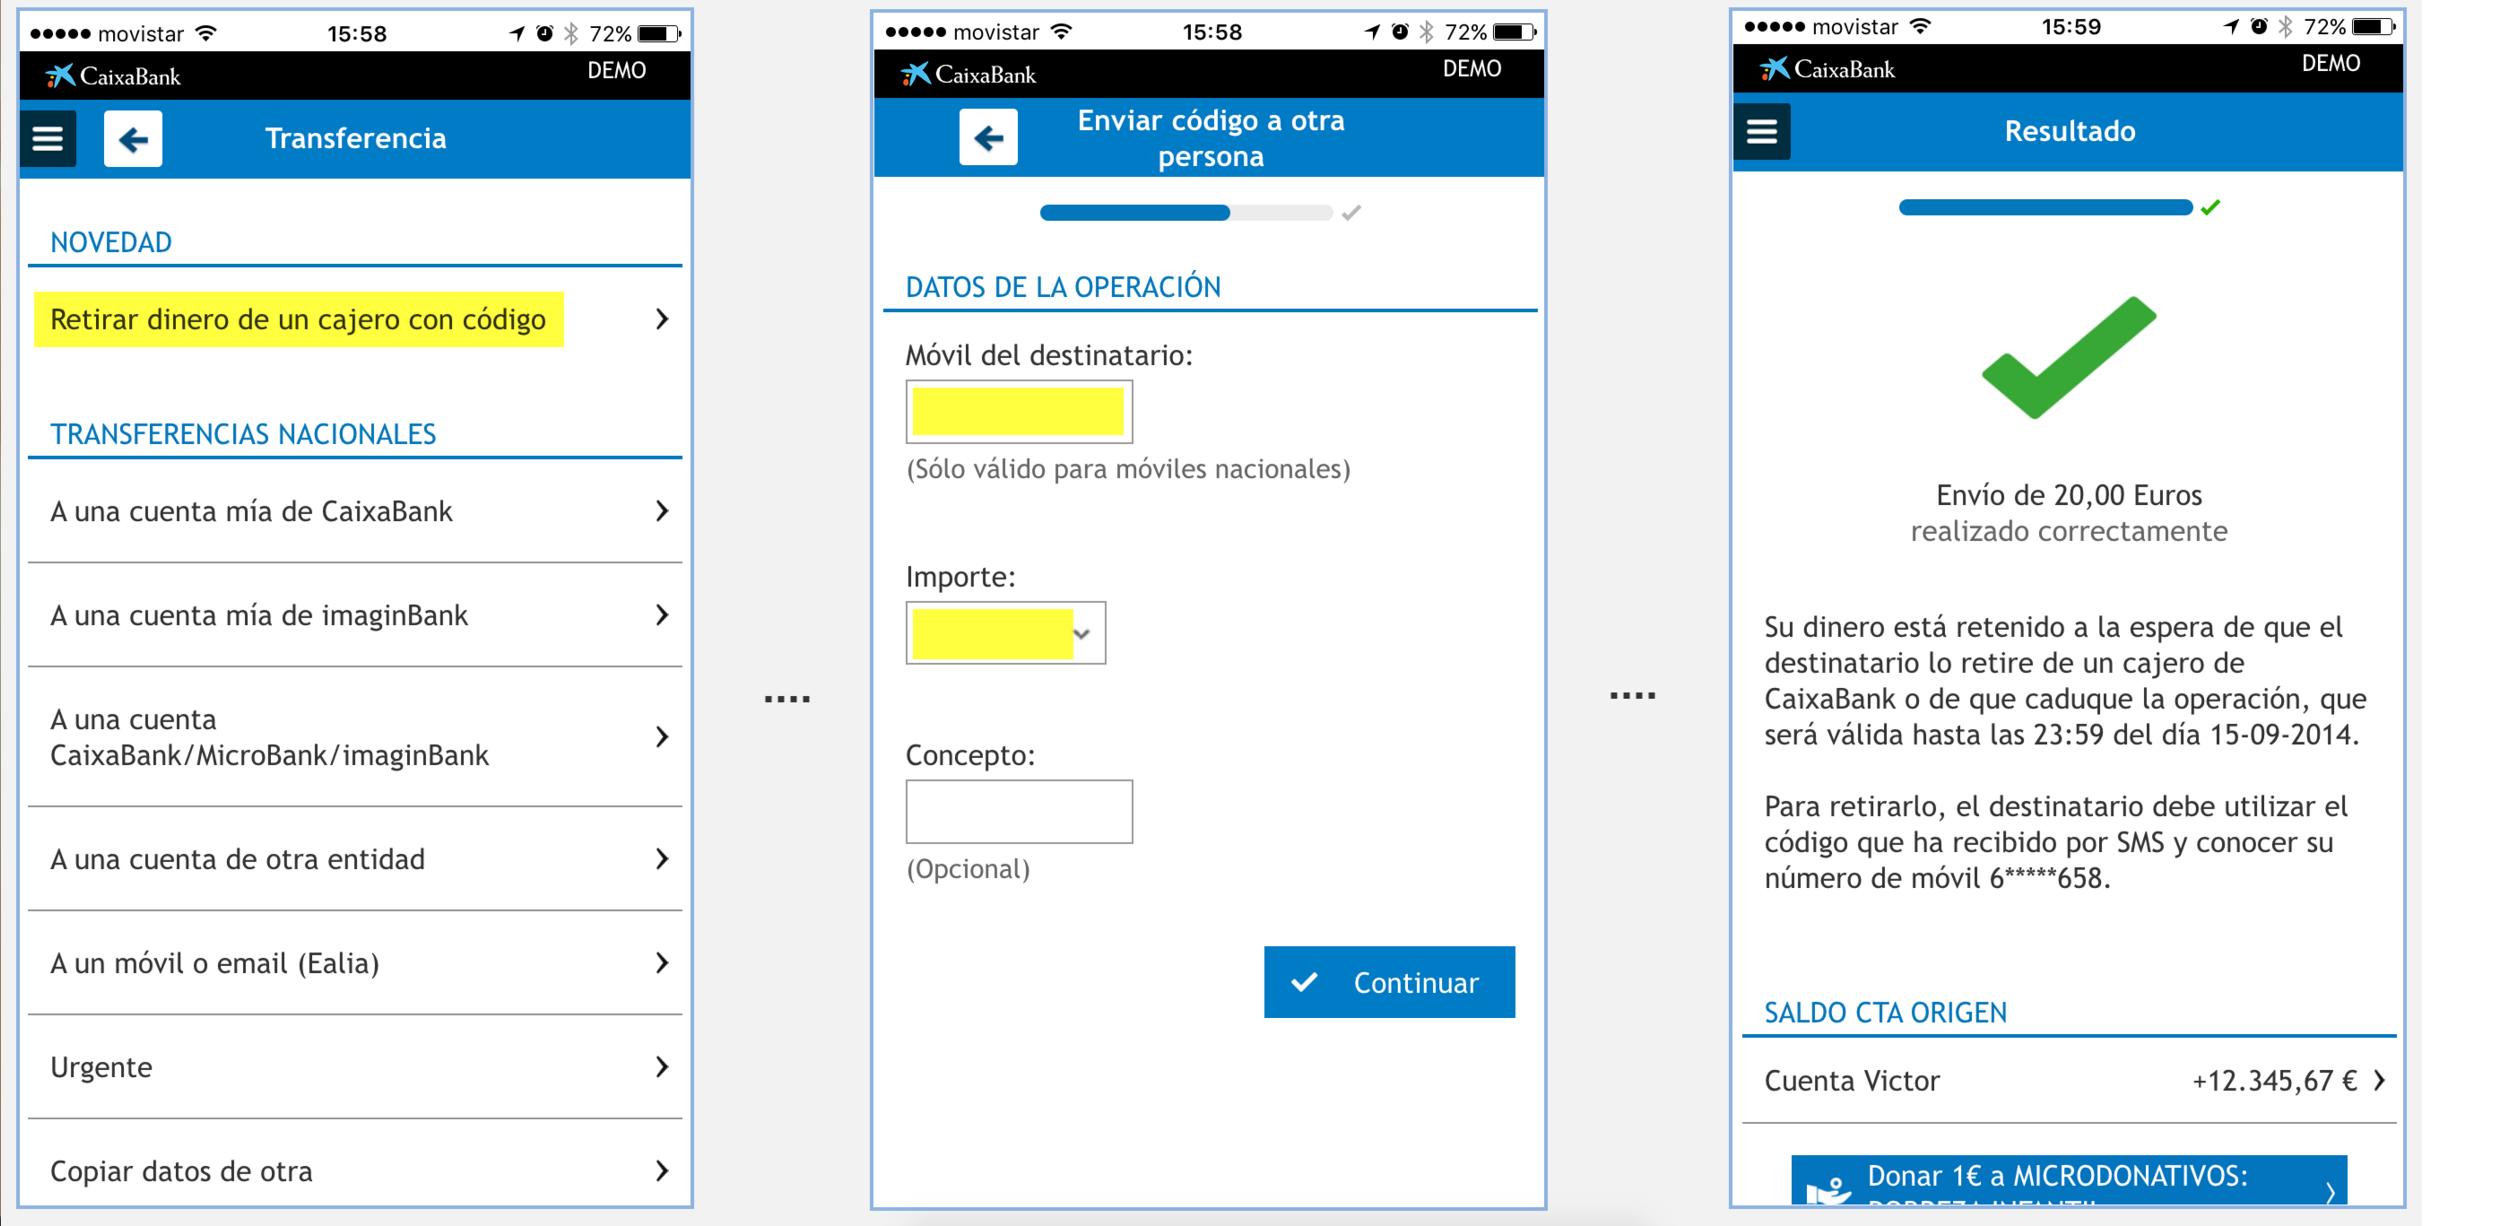 Caixabank permite sacar dinero en los cajeros sin tarjeta c mo hacerlo rankia for Dinero maximo cajero